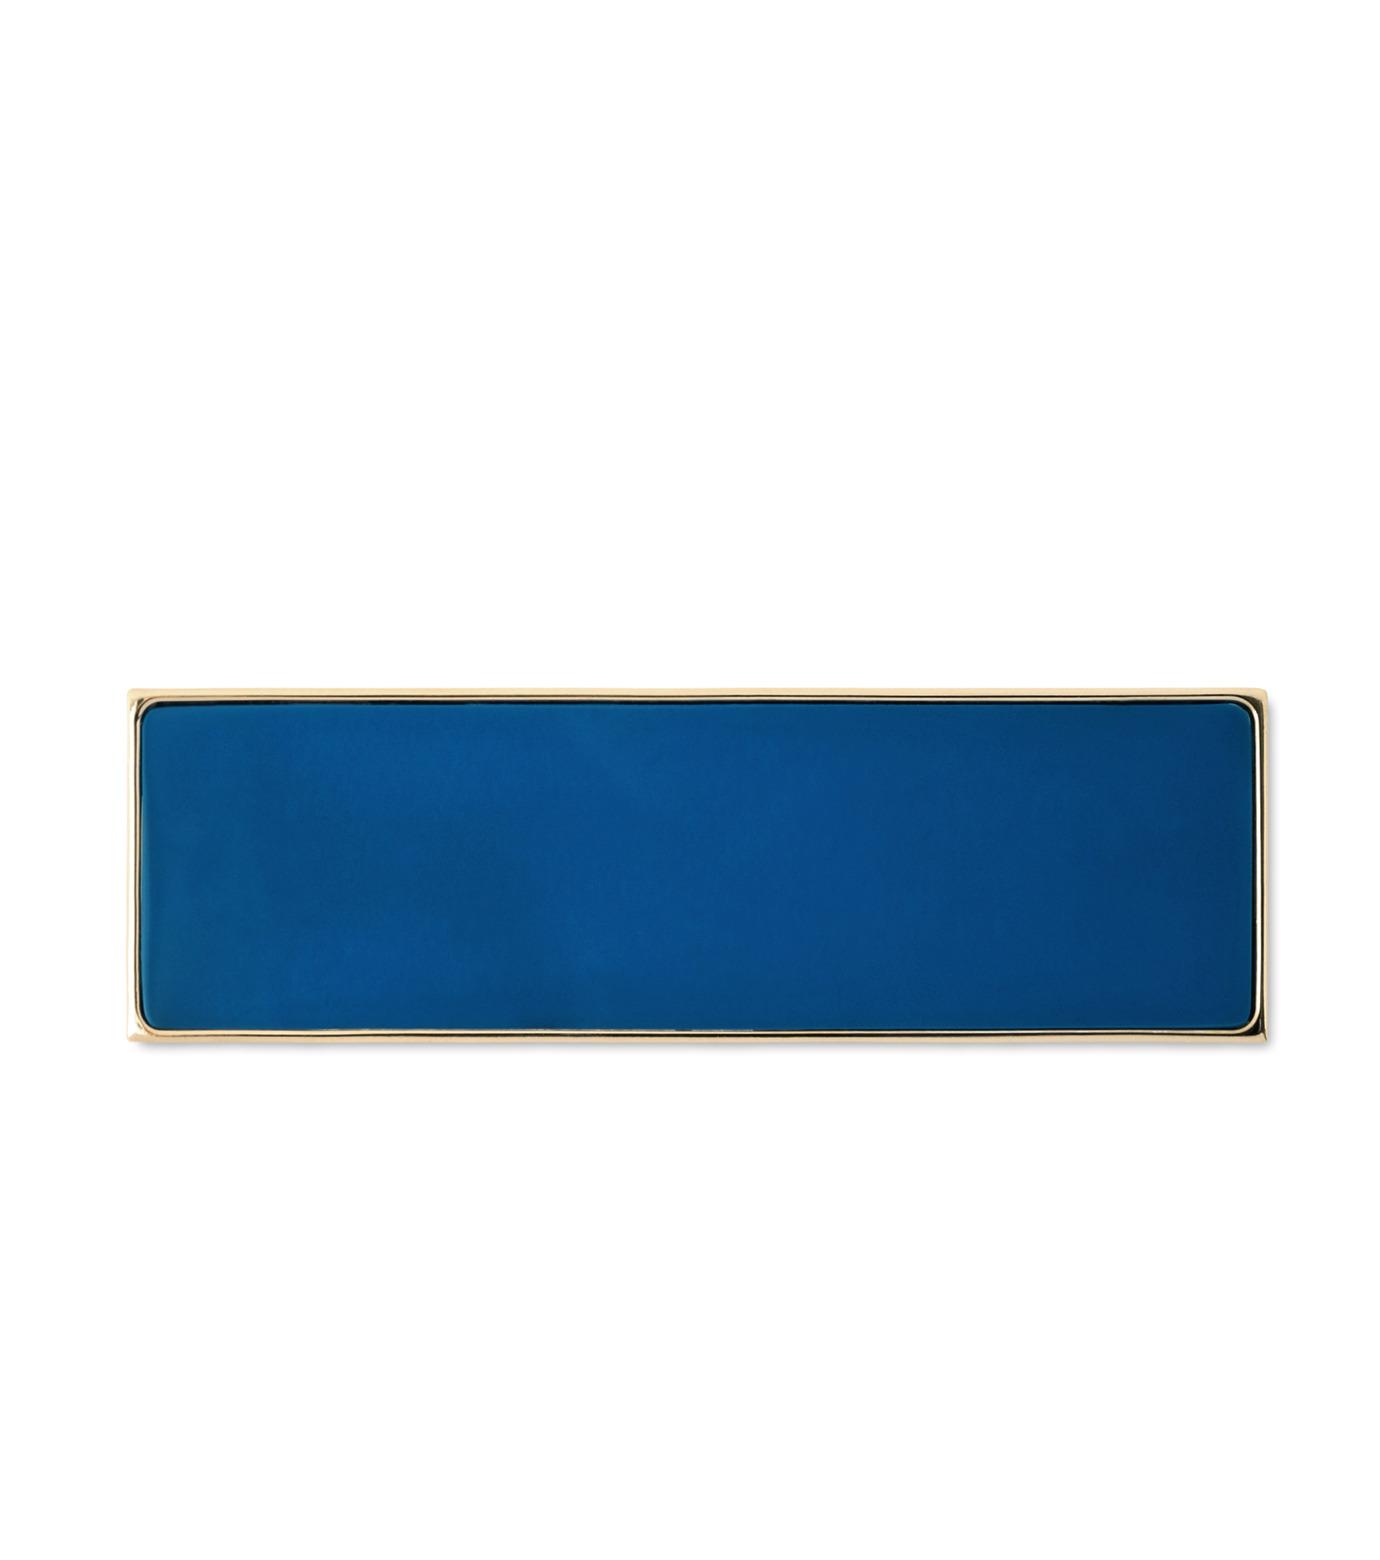 Sylvio Giardina(シルビオ・ジャルディーナ)のRectangle Brooch-BLUE(アクセサリー/accessory)-25S-92 拡大詳細画像1